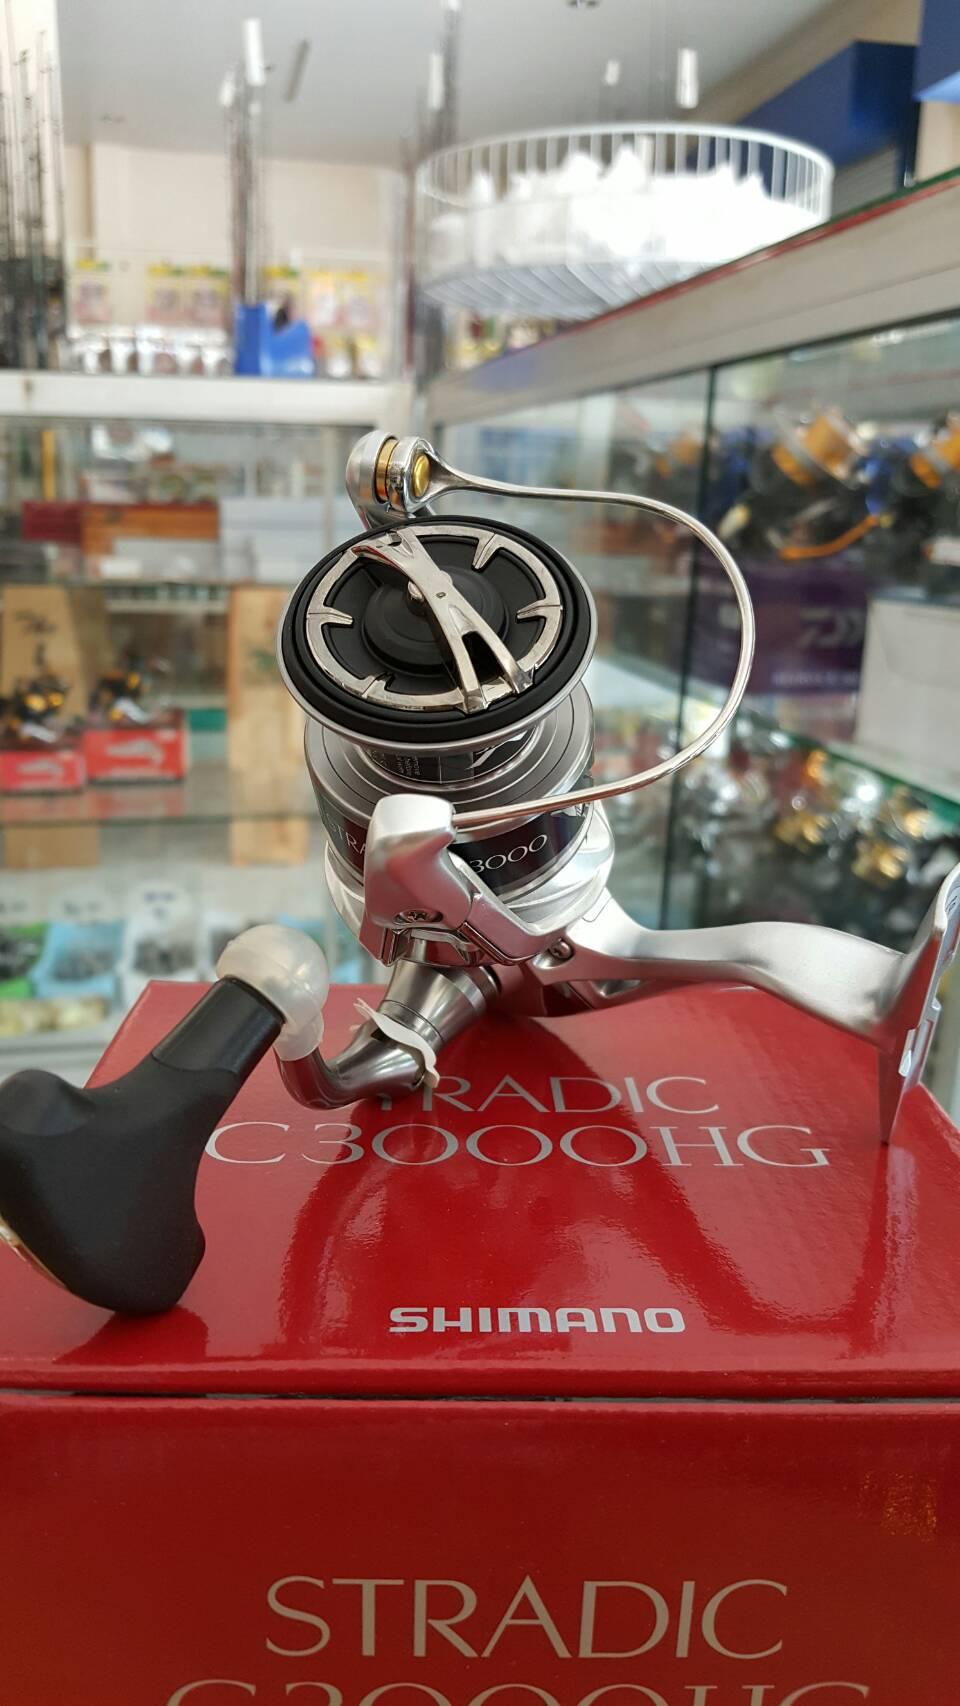 Shimano Stradic C3000HG